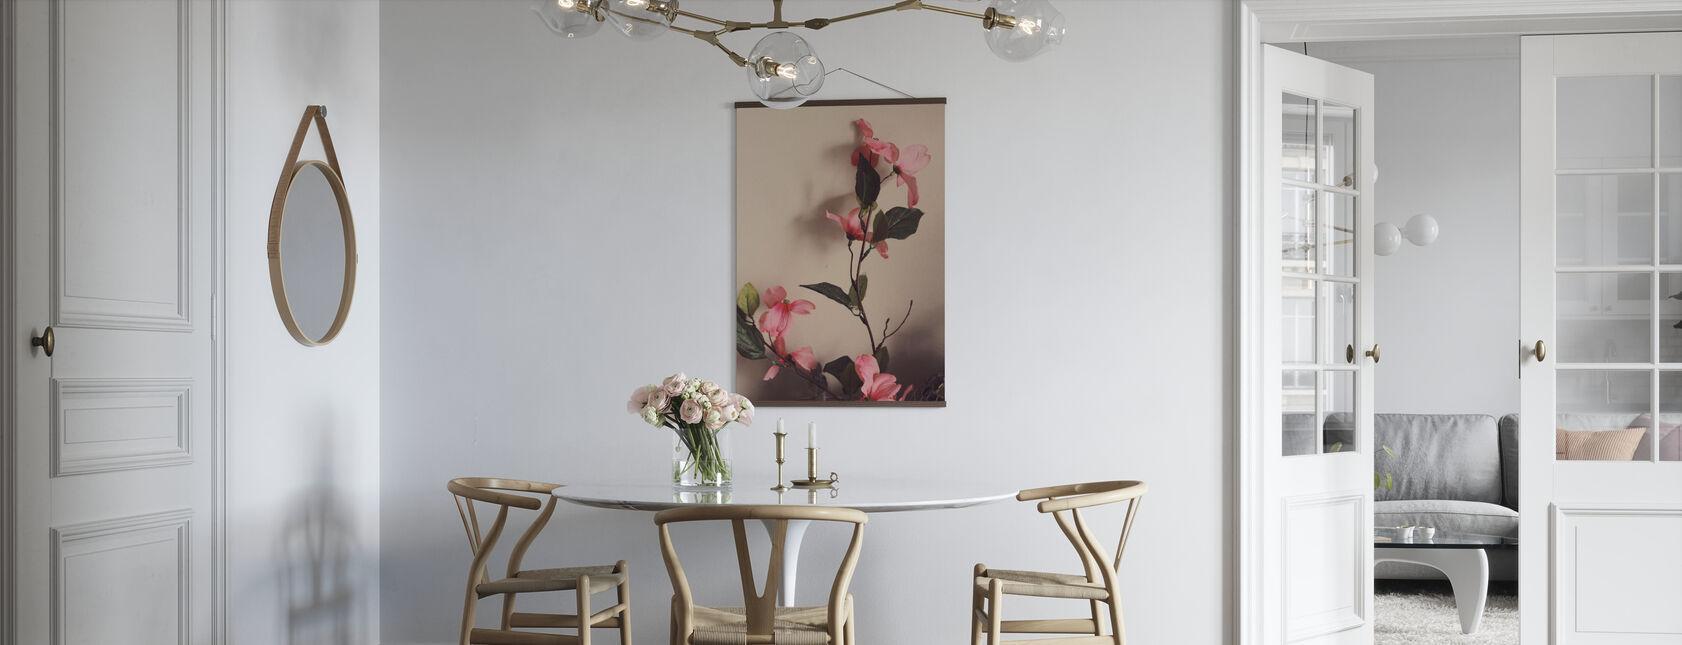 Blütenblätter in der Abenddämmerung - Poster - Küchen